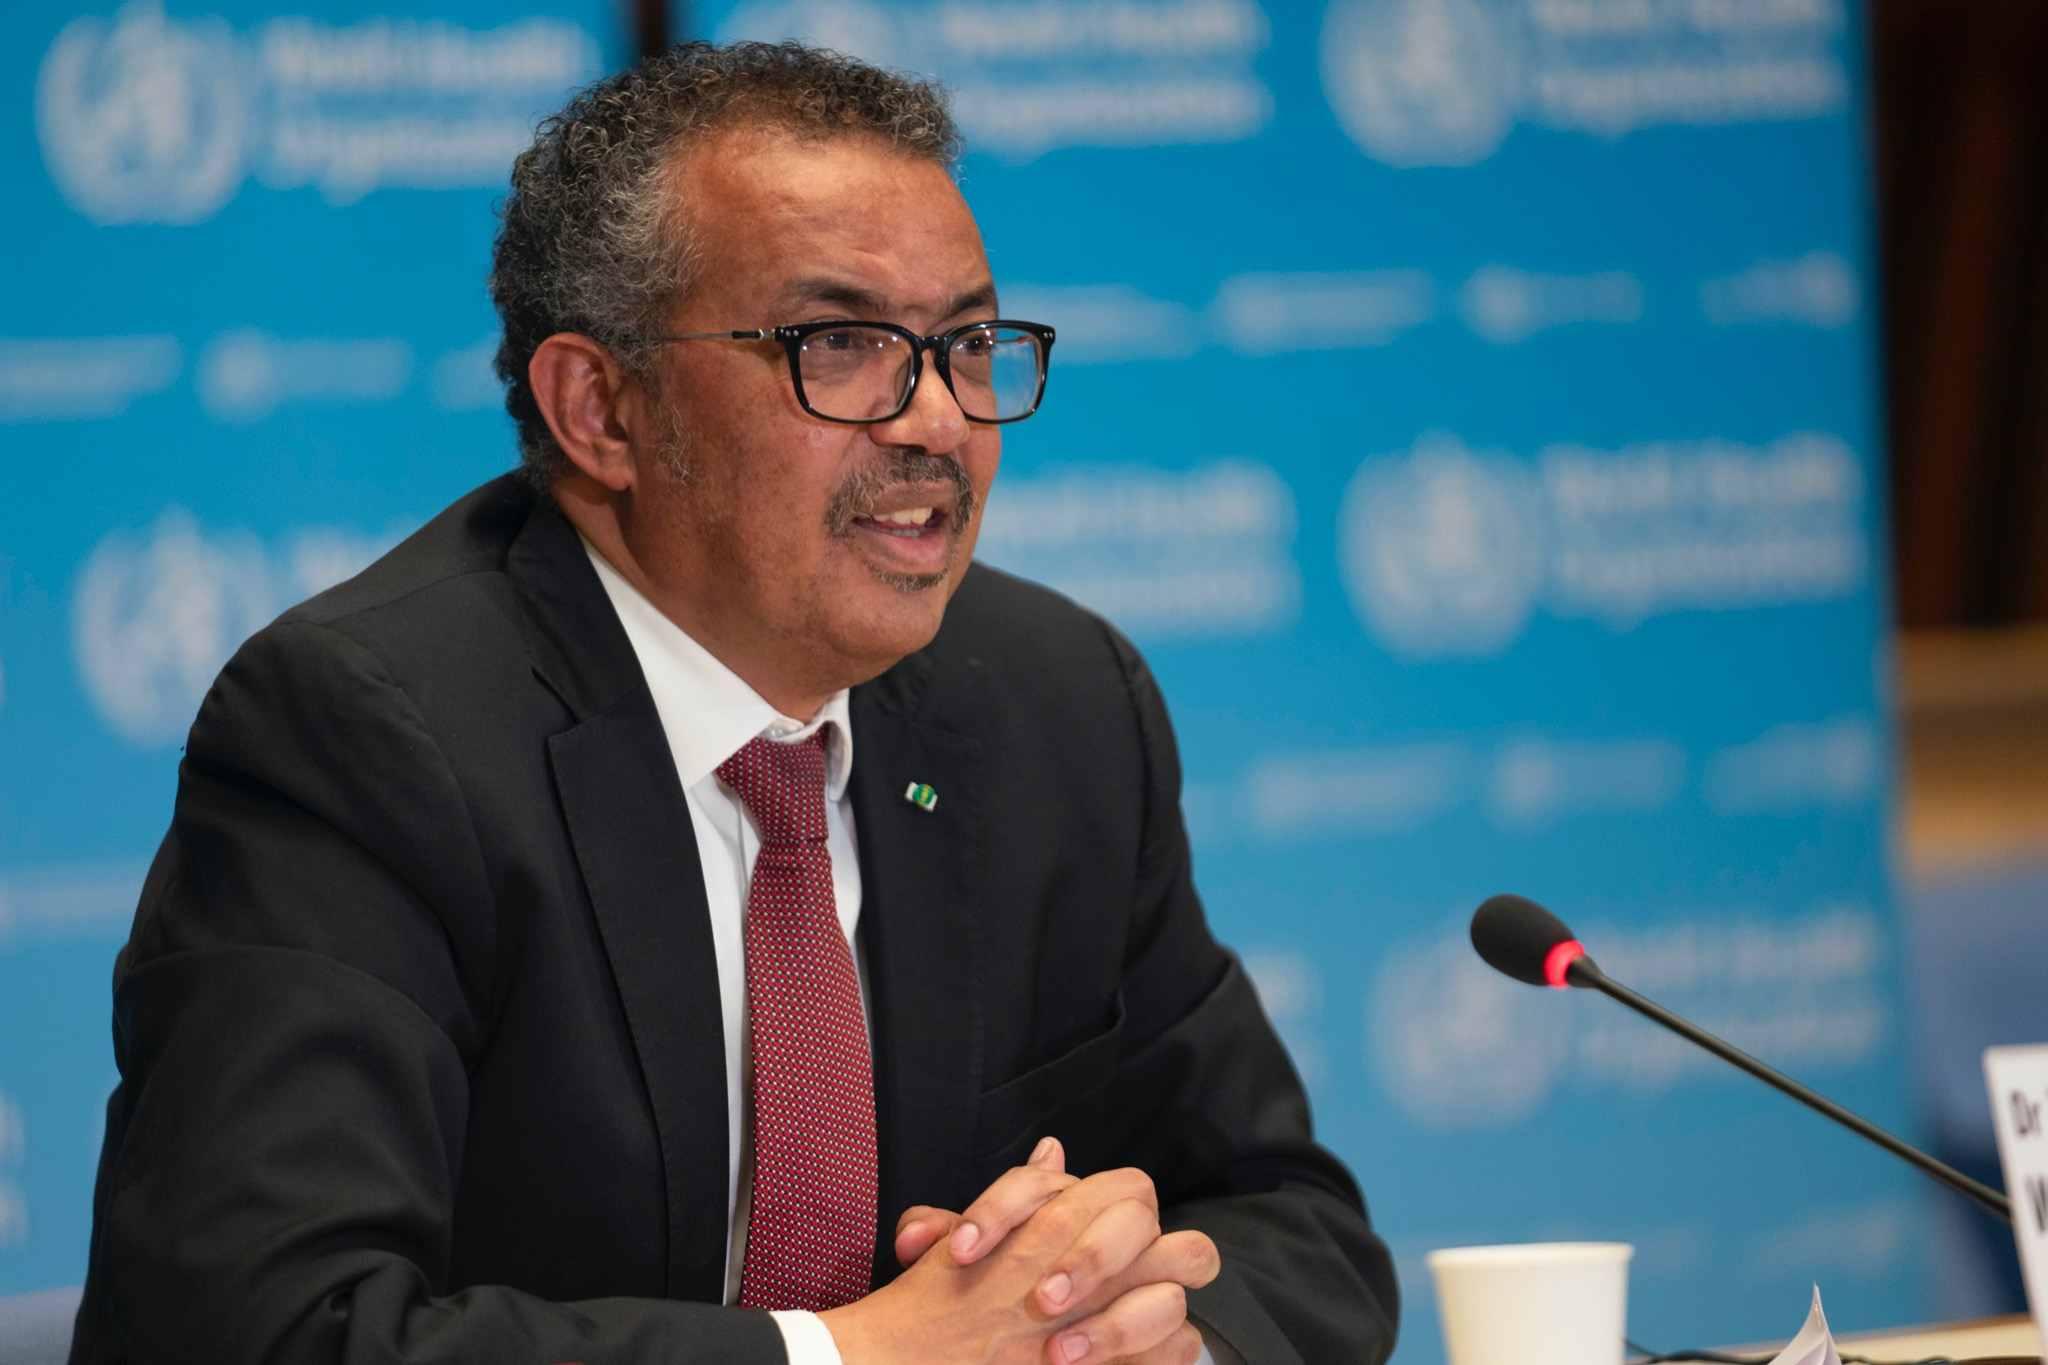 WHO director-general Tedros Adhanom Ghebreyesu